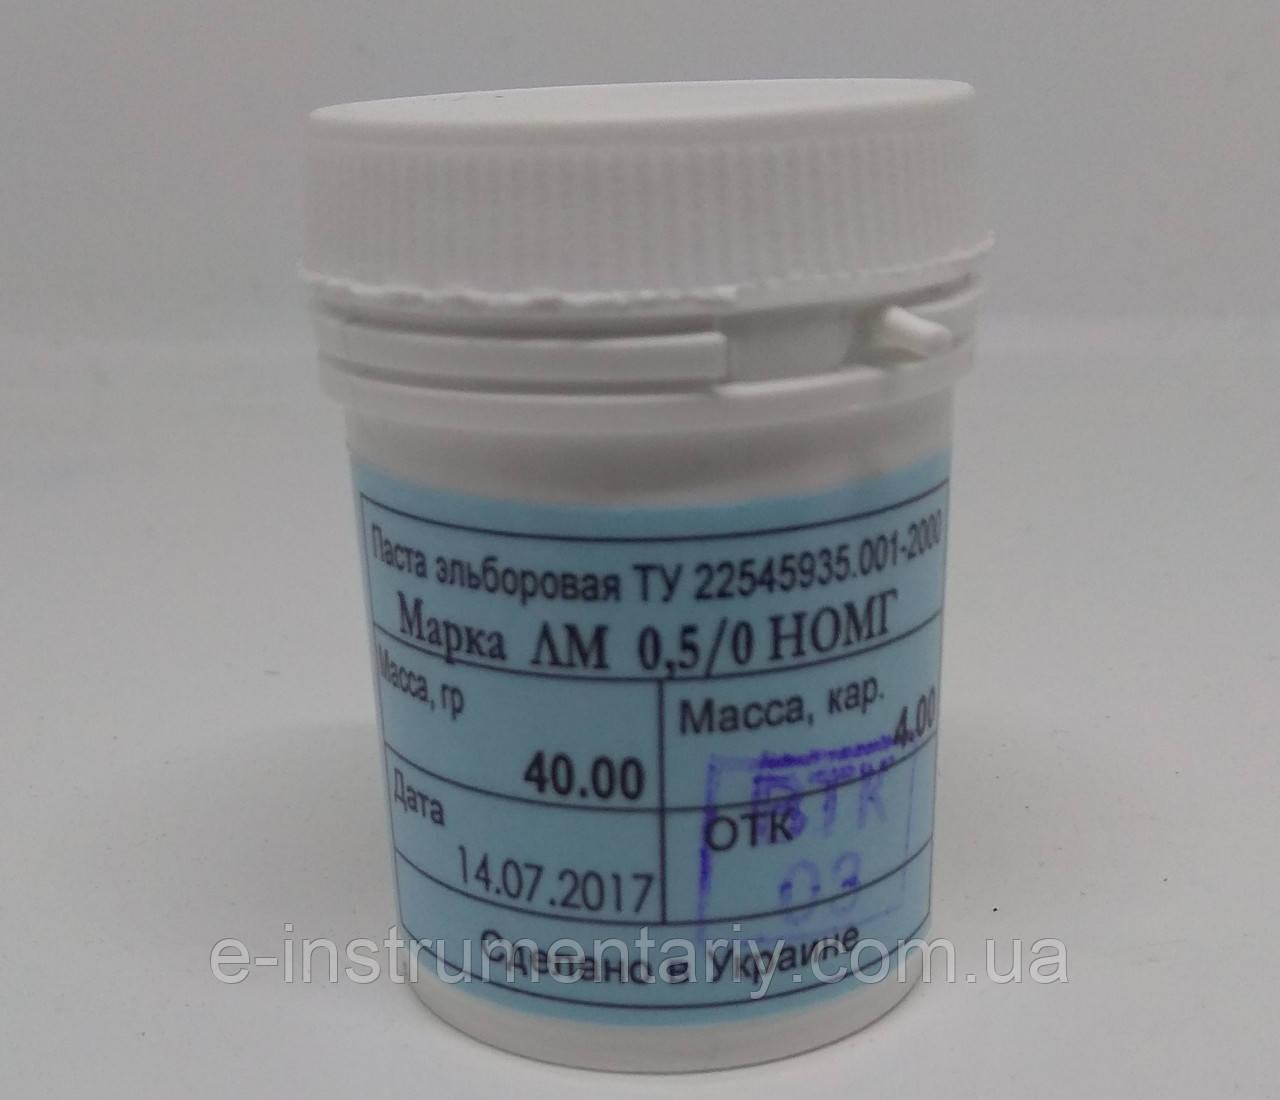 Паста эльборовая для обработки металлов  0,5/0 НОМГ. 40гр